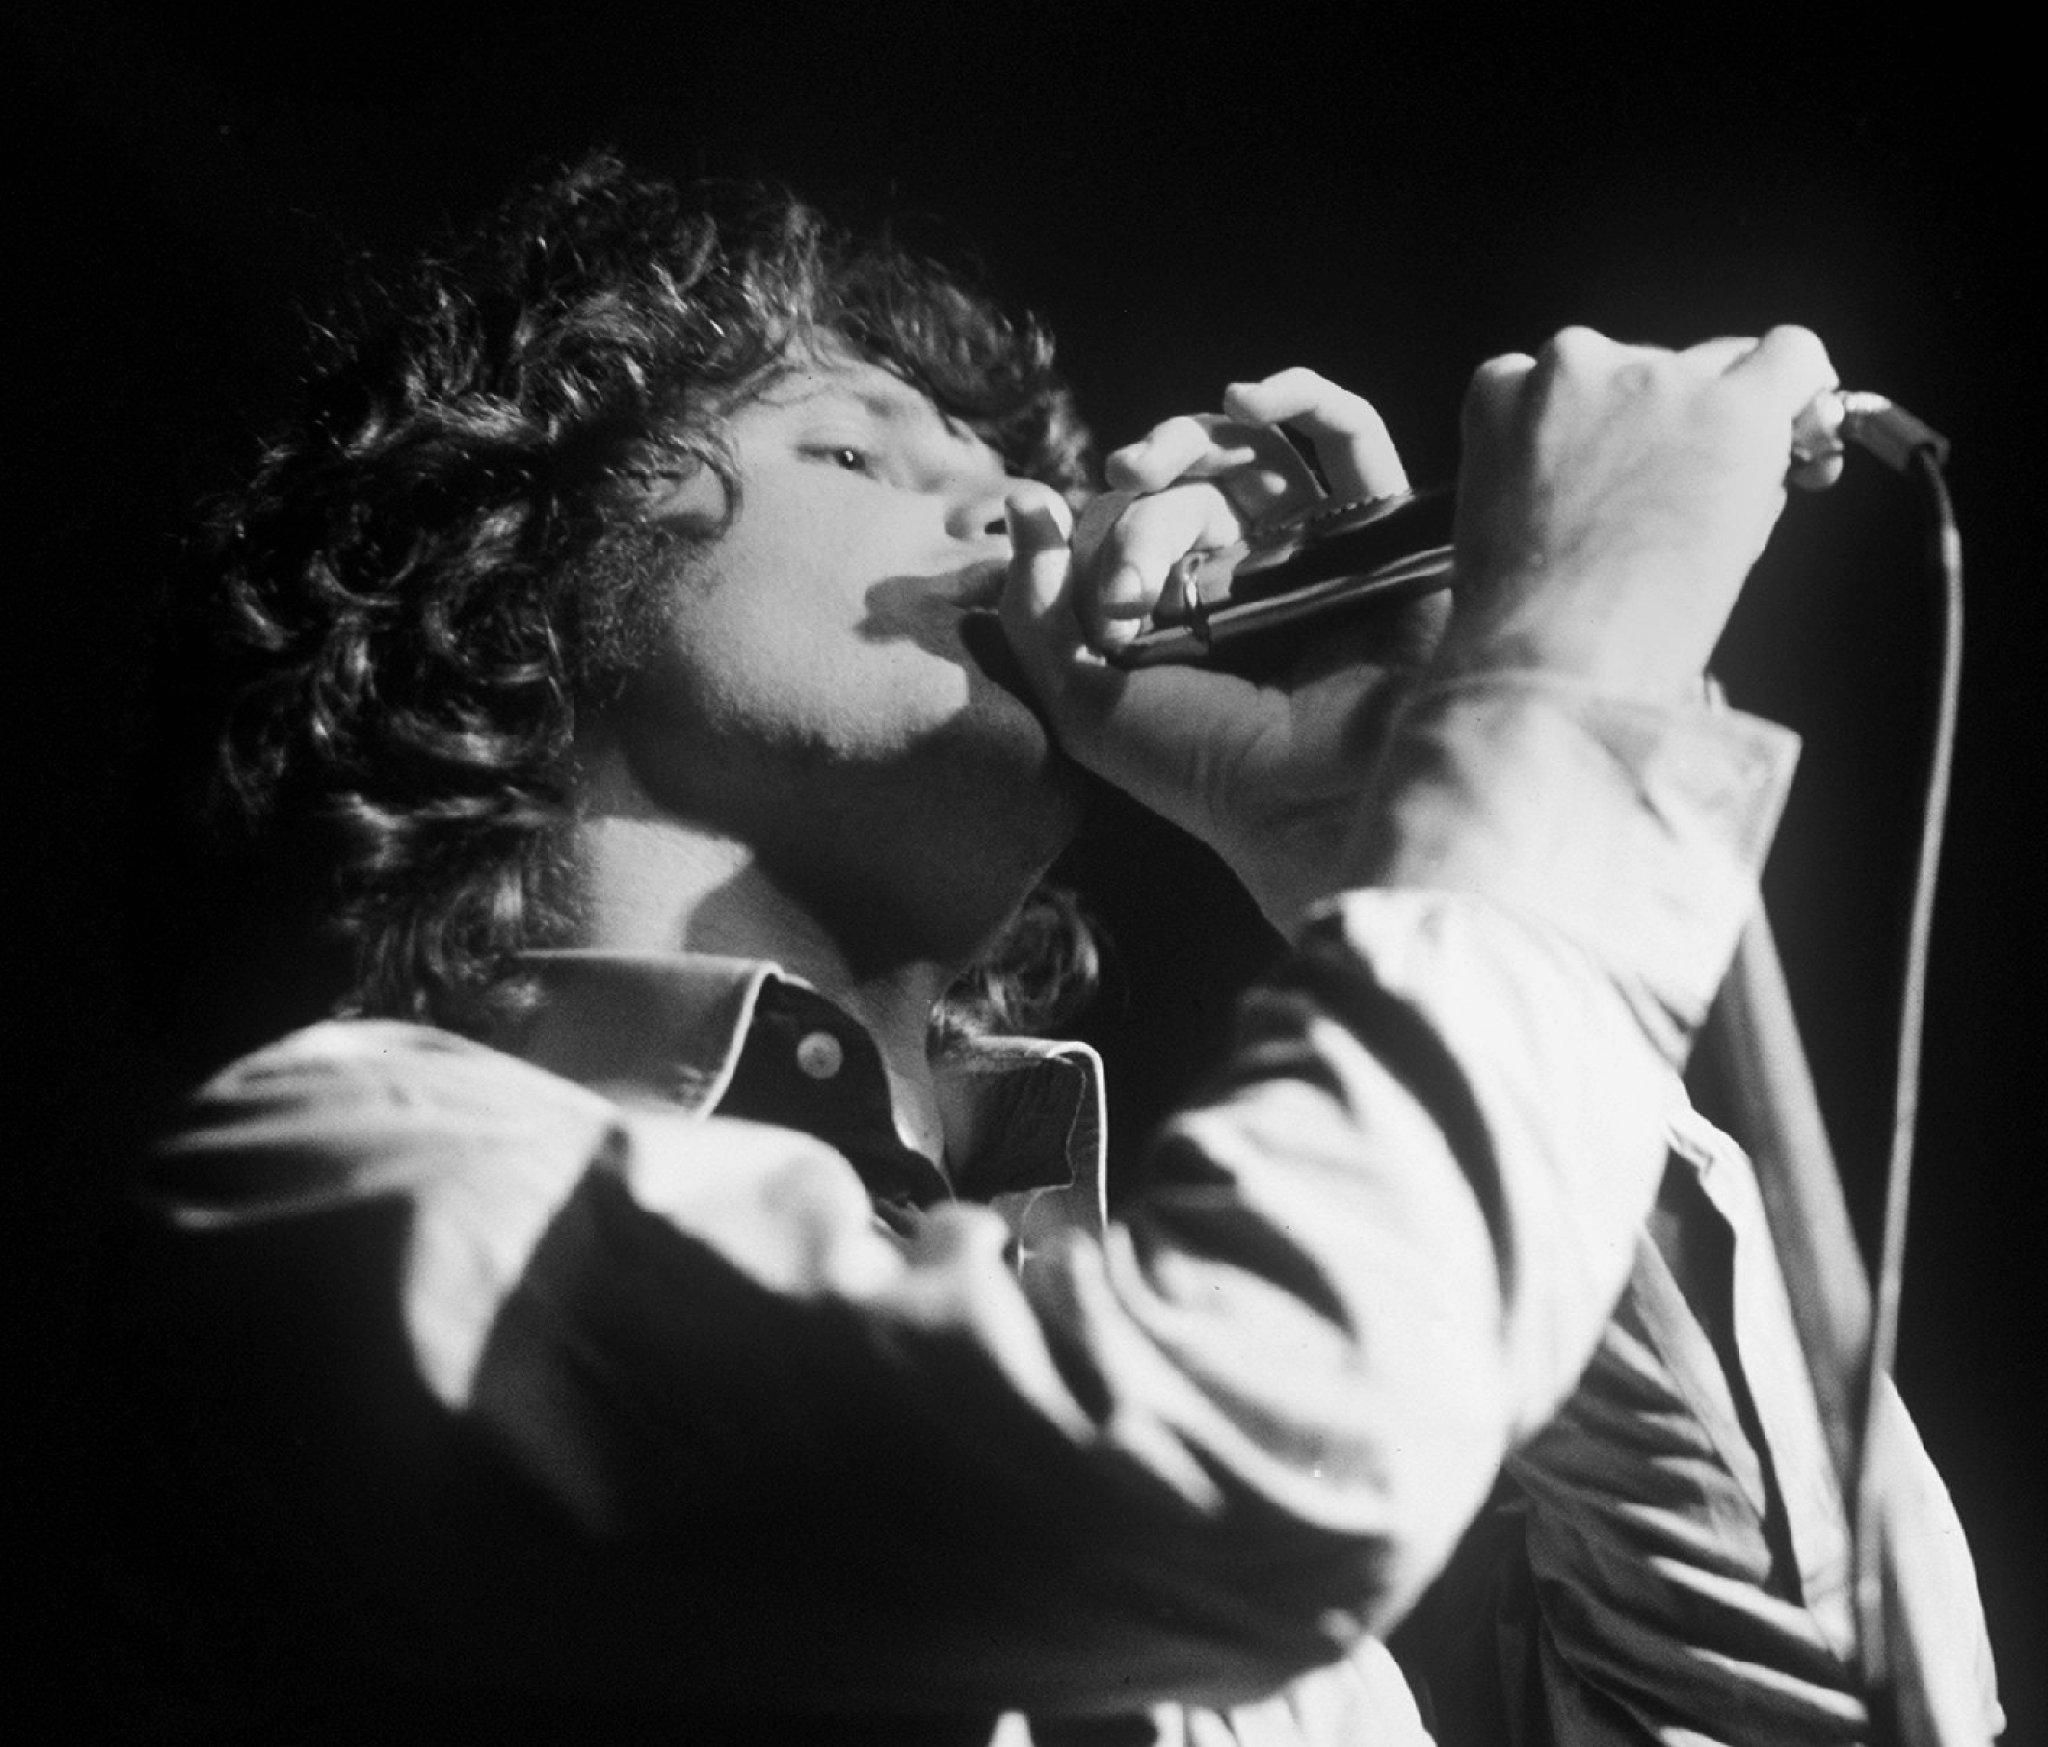 Das undatierte Archivbild zeigt den legendären Sänger Jim Morrison der US-Rockgruppe 'The Doors' während eines Auftritts.